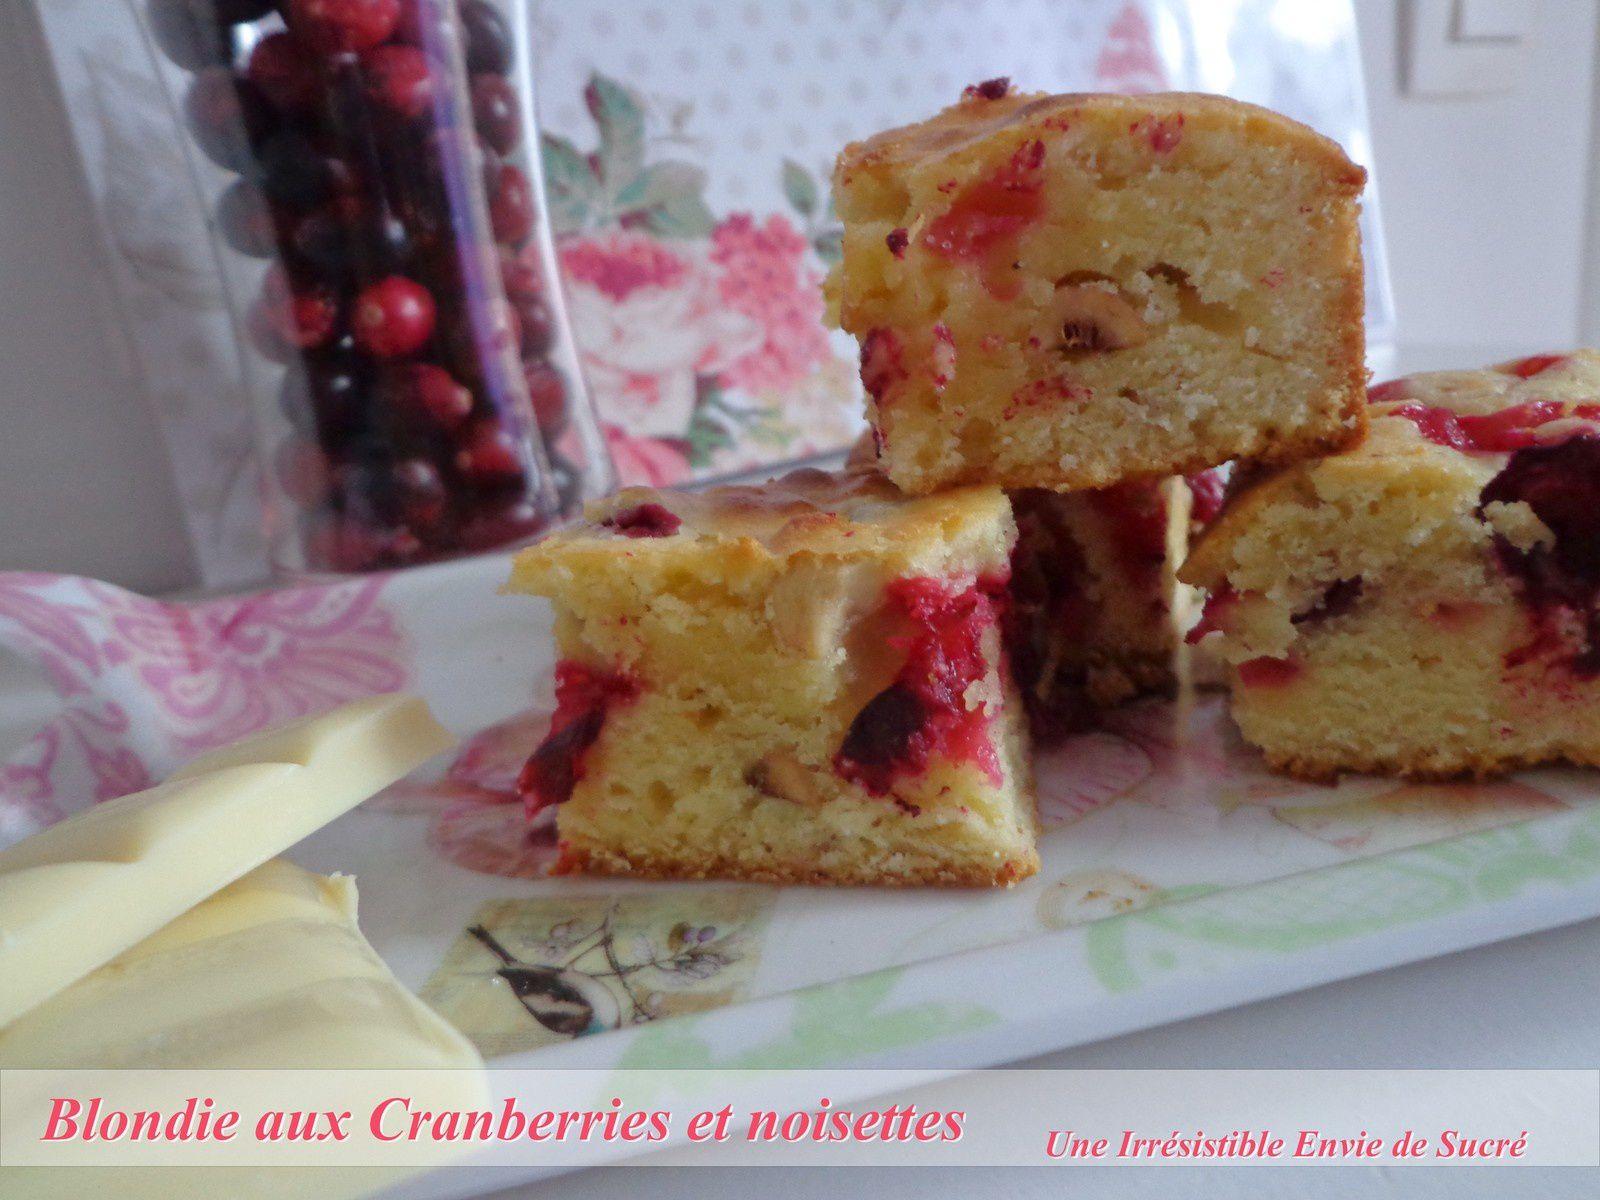 Blondie Chocolat blanc, cranberries et noisettes